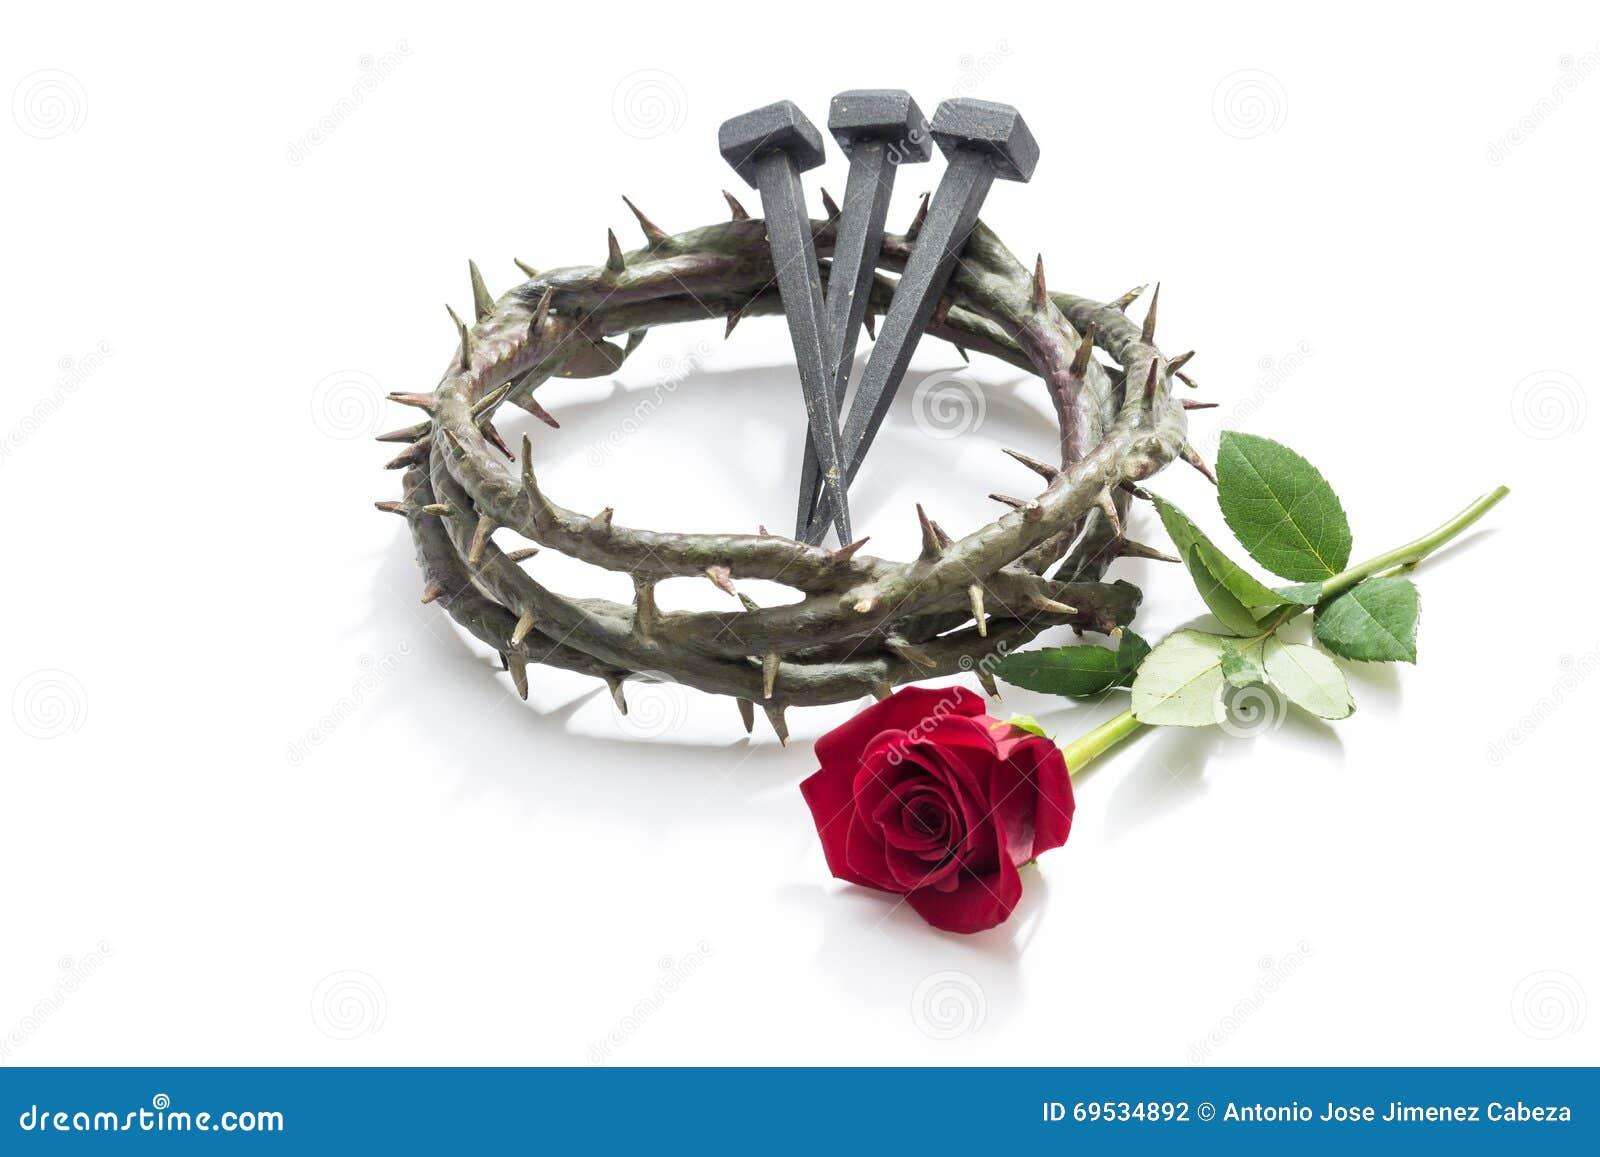 Coroa de Jesus Christ de espinhos, de pregos e de uma rosa